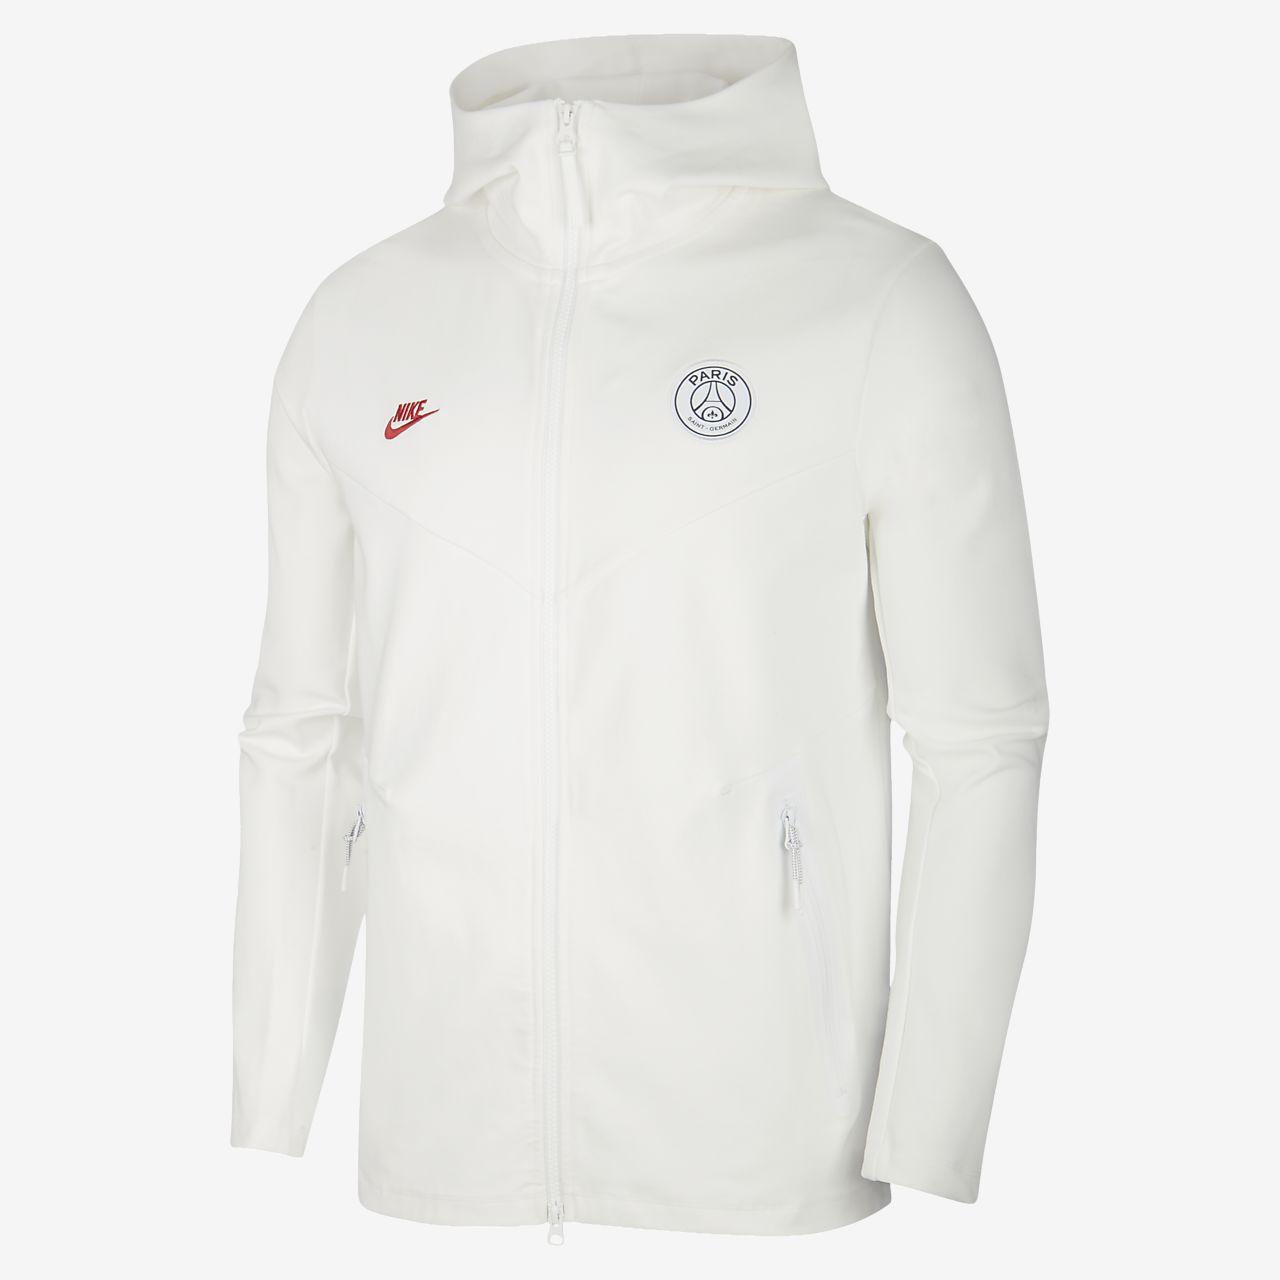 Youth Nike White Paris Saint Germain Windrunner Hoodie Full Zip Jacket